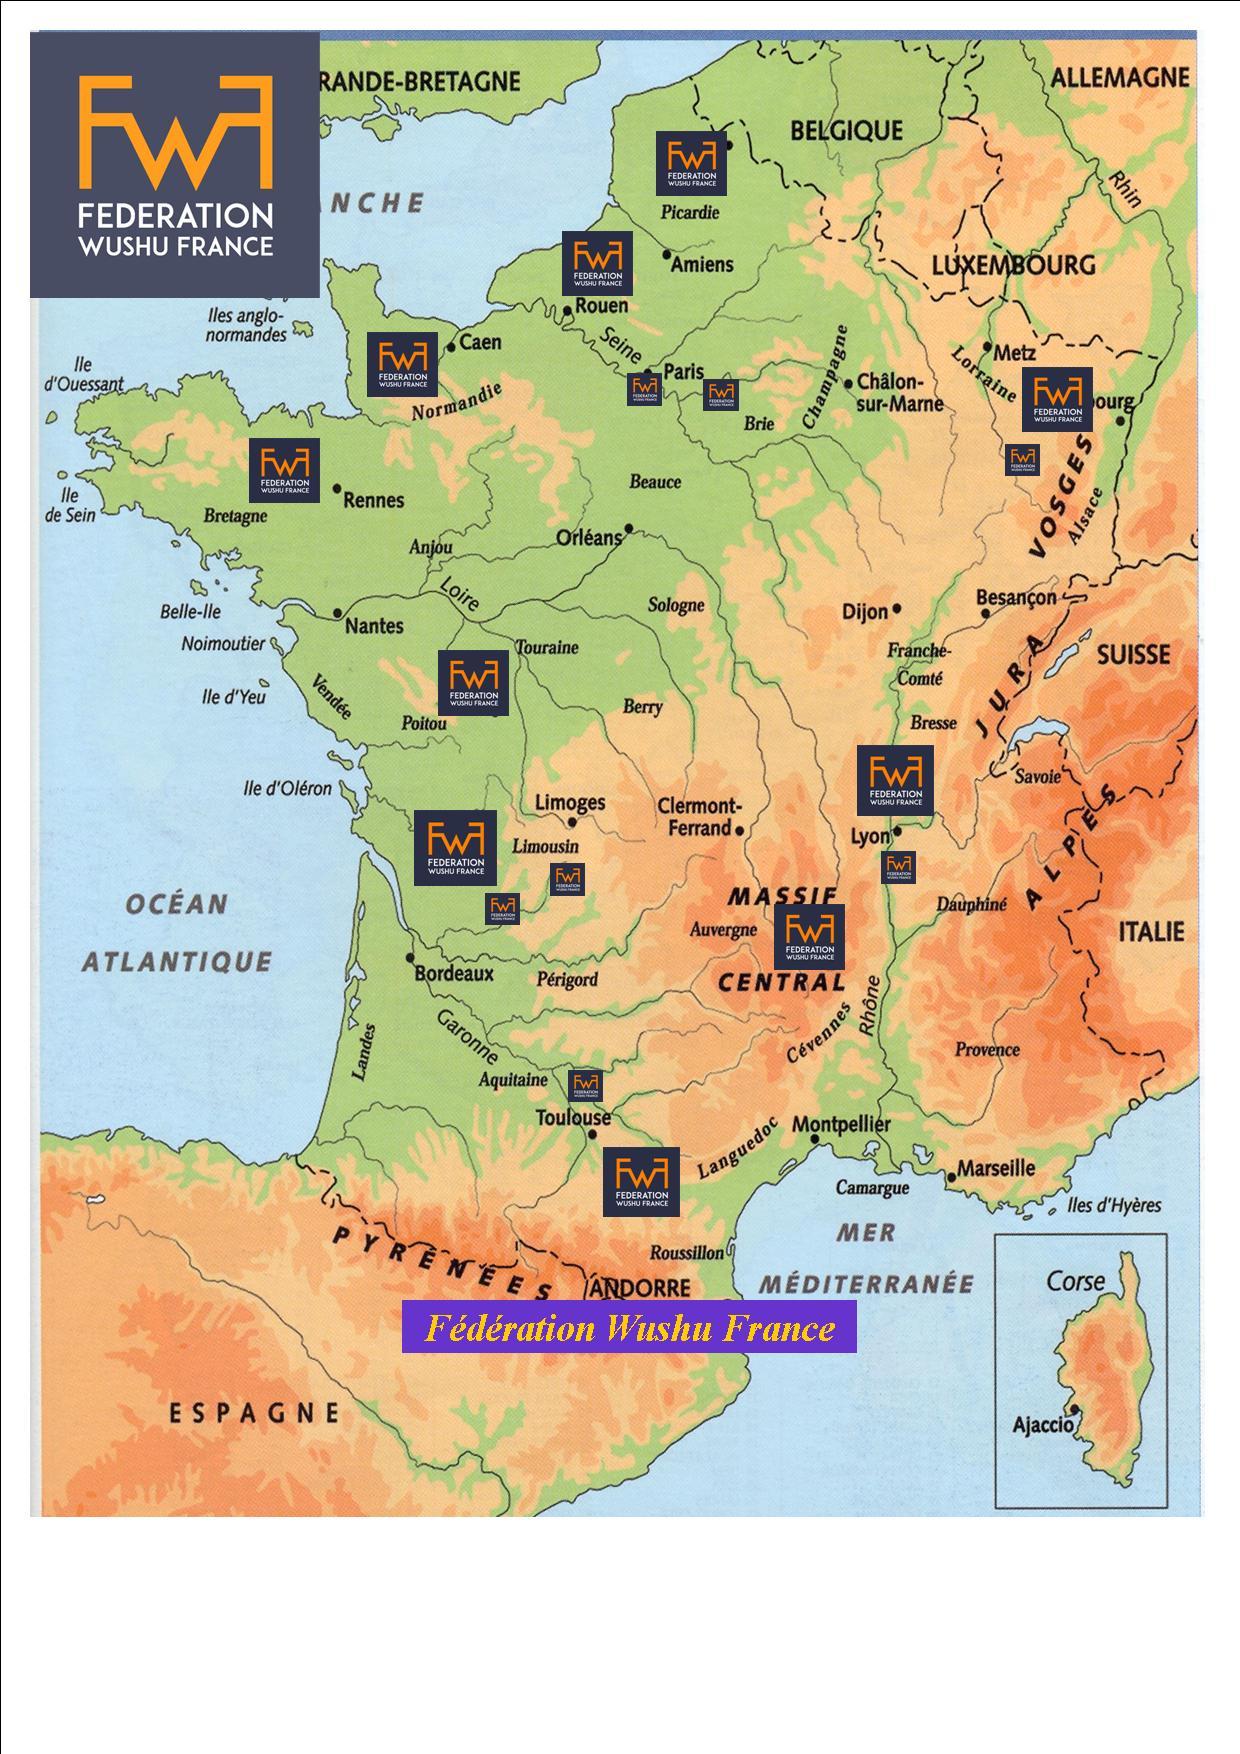 Carte De France Et Ses Régions 2 - Fédération Wushu France encequiconcerne La Carte De France Et Ses Régions